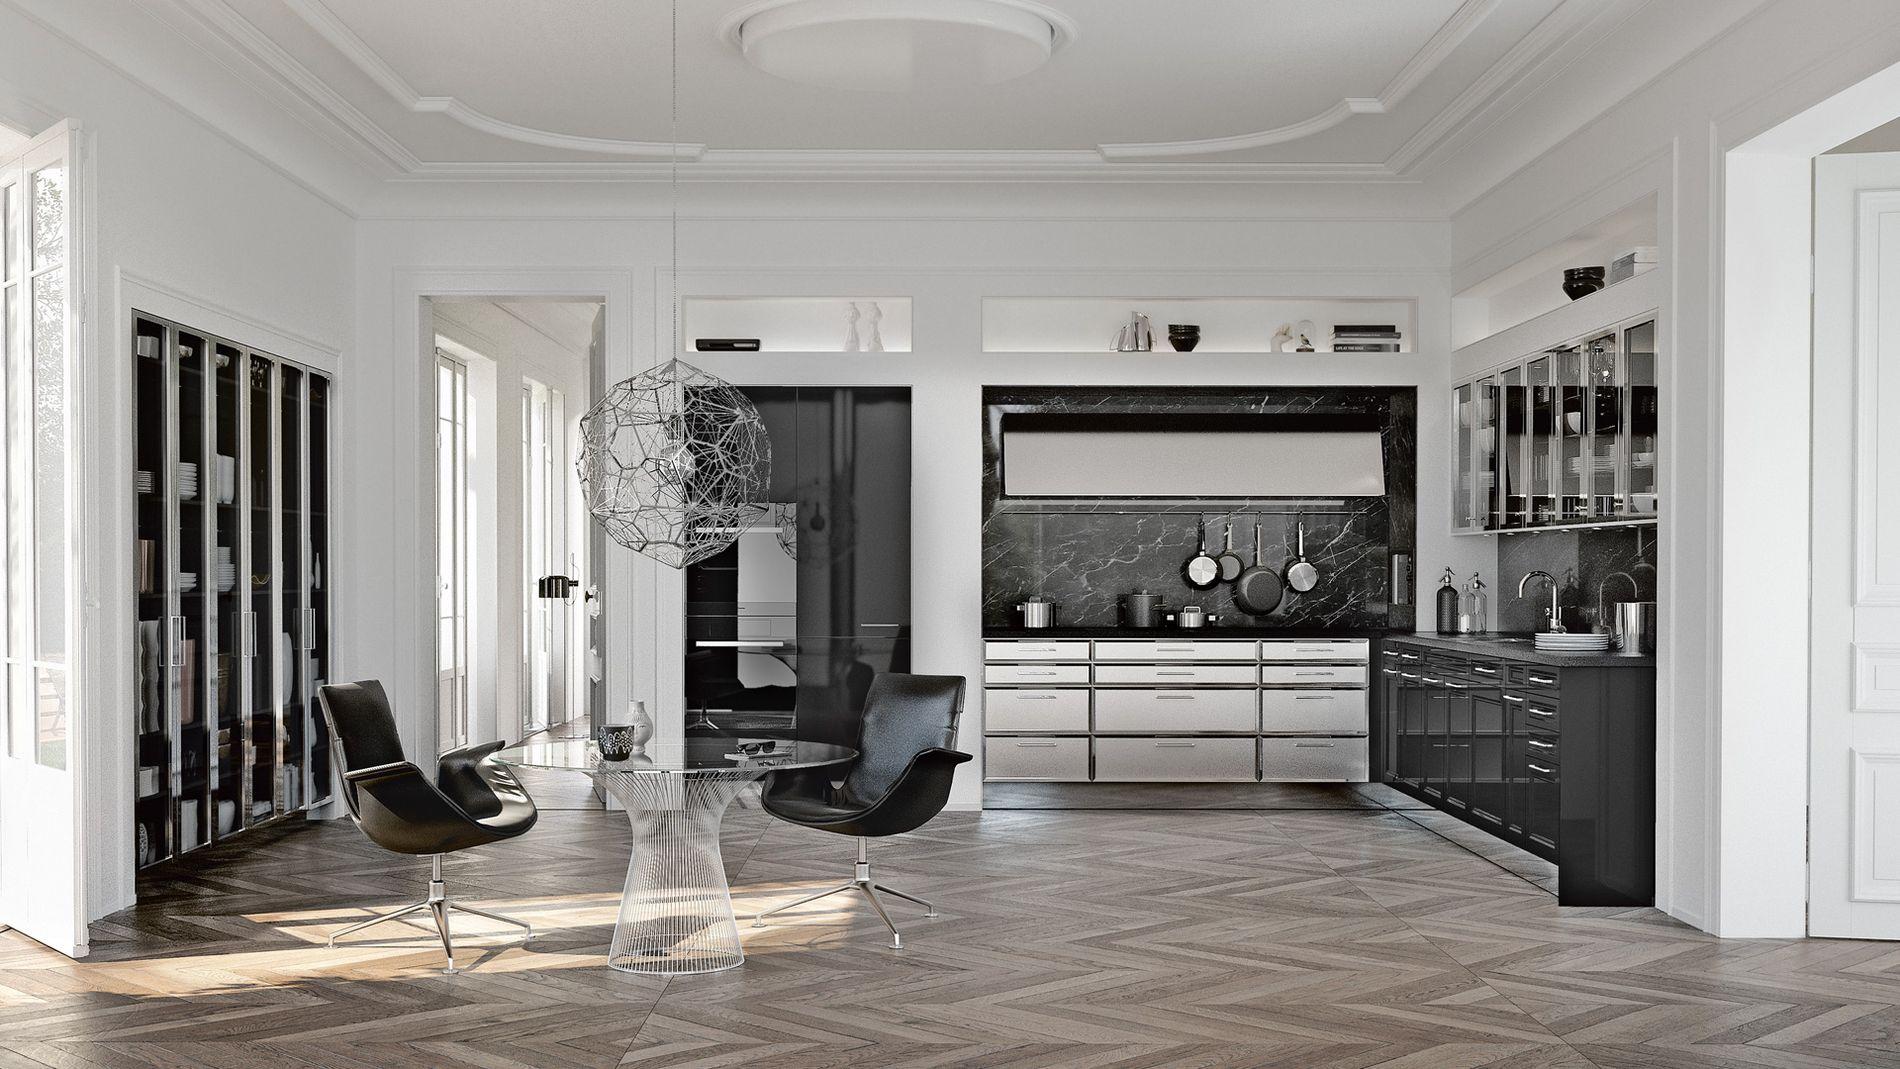 SieMatic keuken met houten vloer